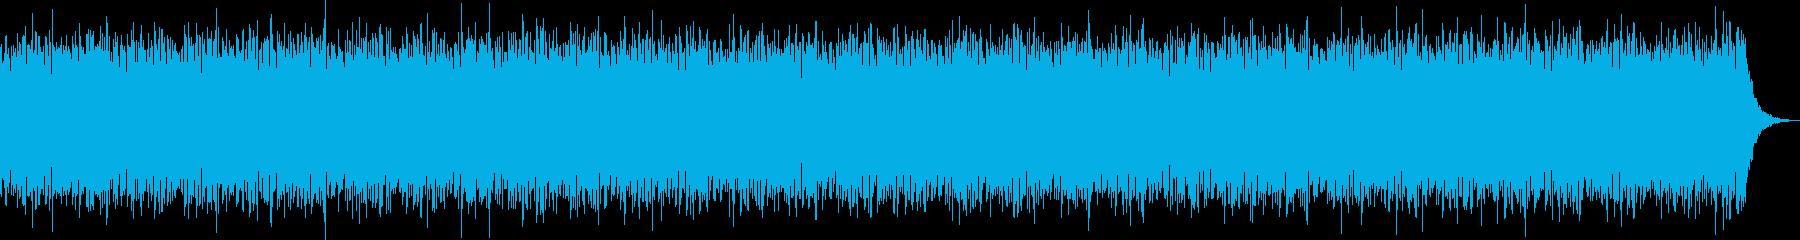 ゆったりしたエレクトロ系のBGMの再生済みの波形